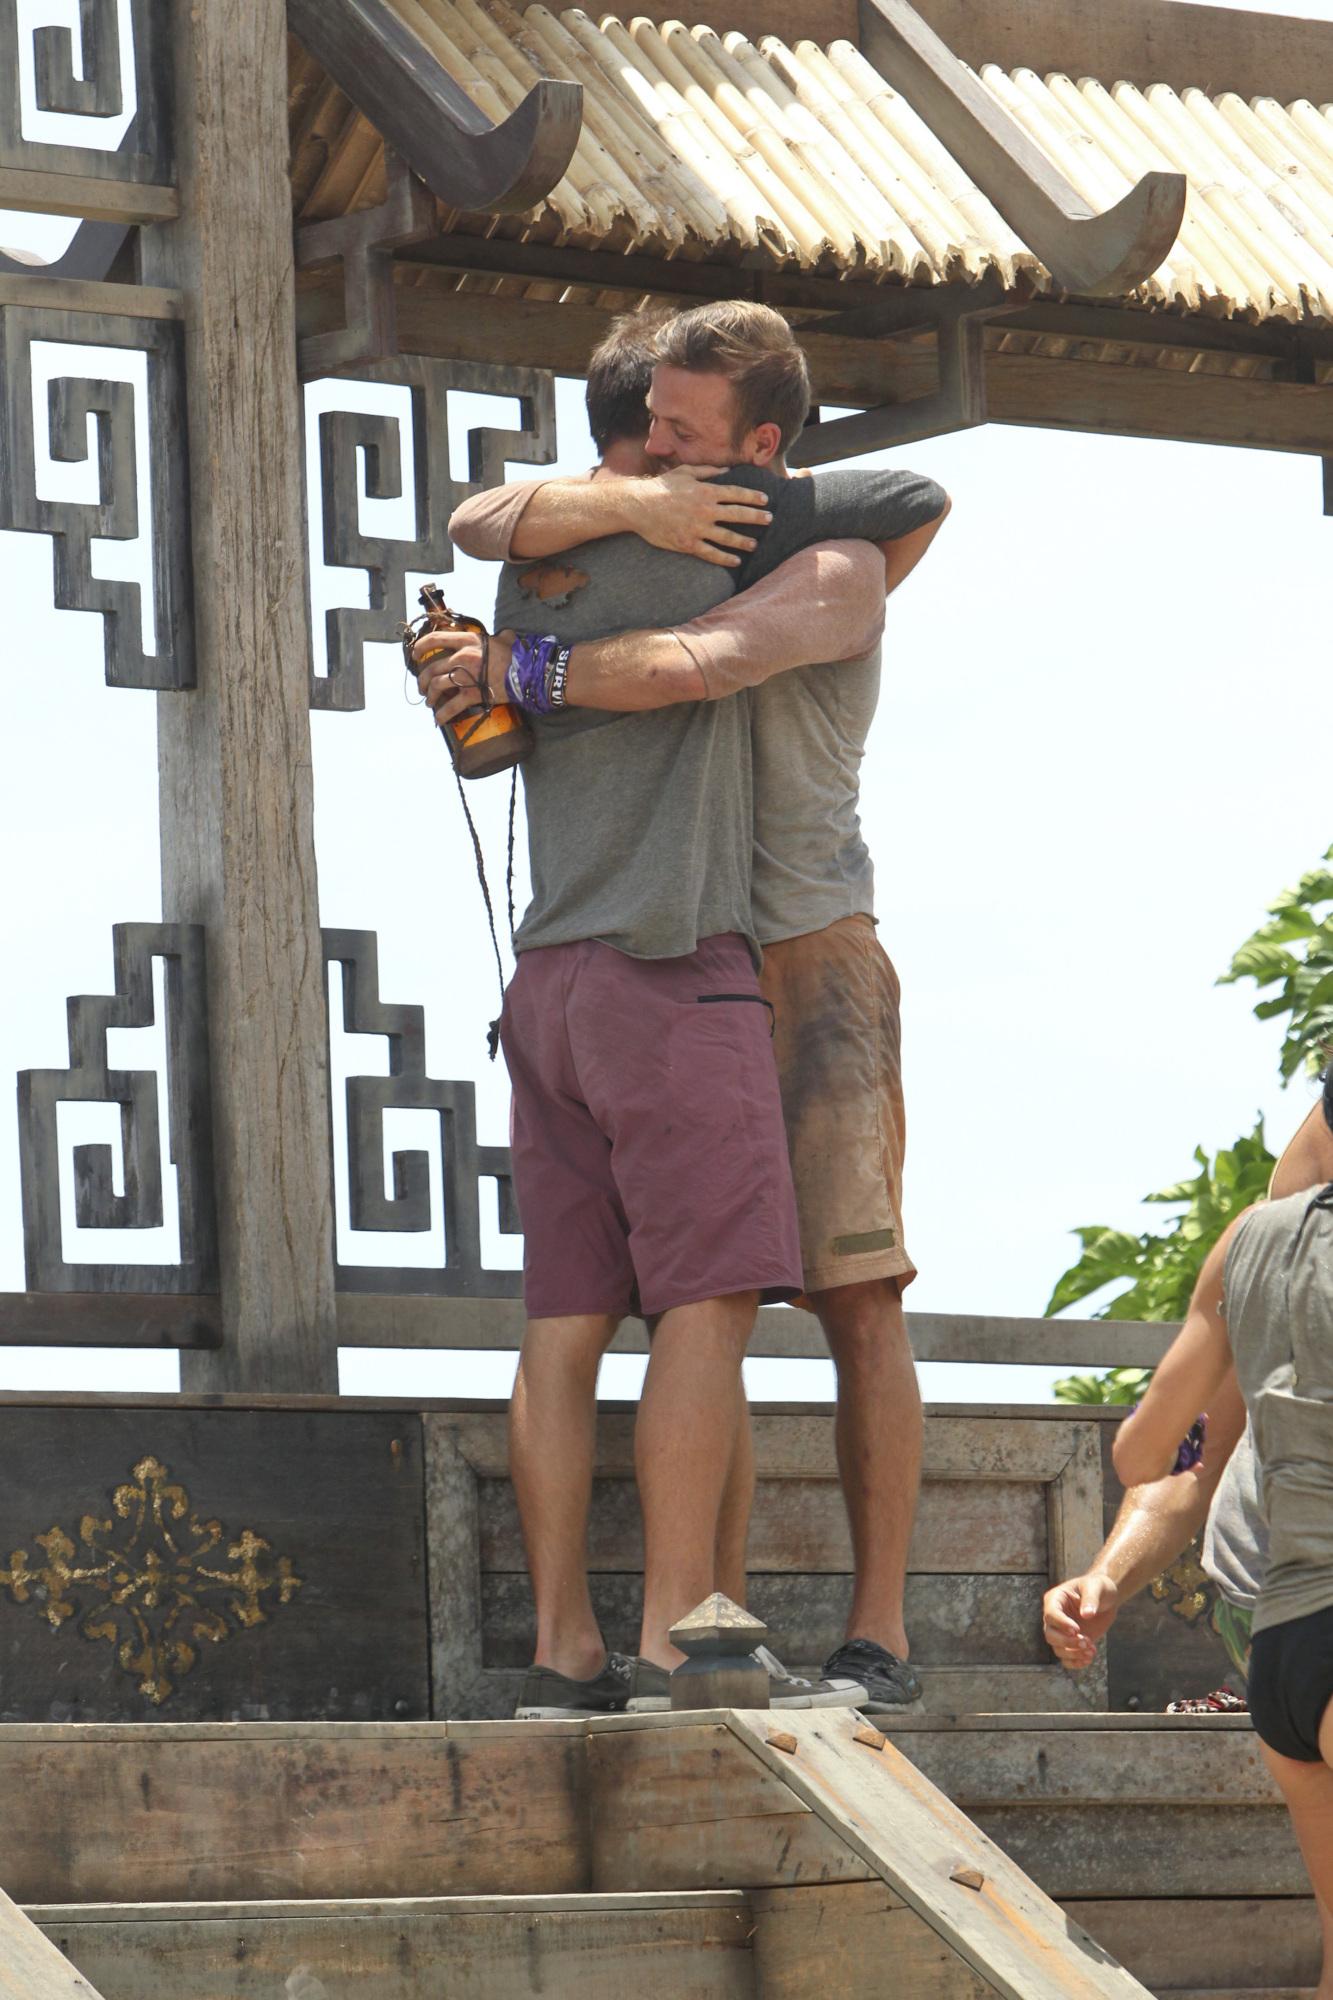 Brotherly embrace